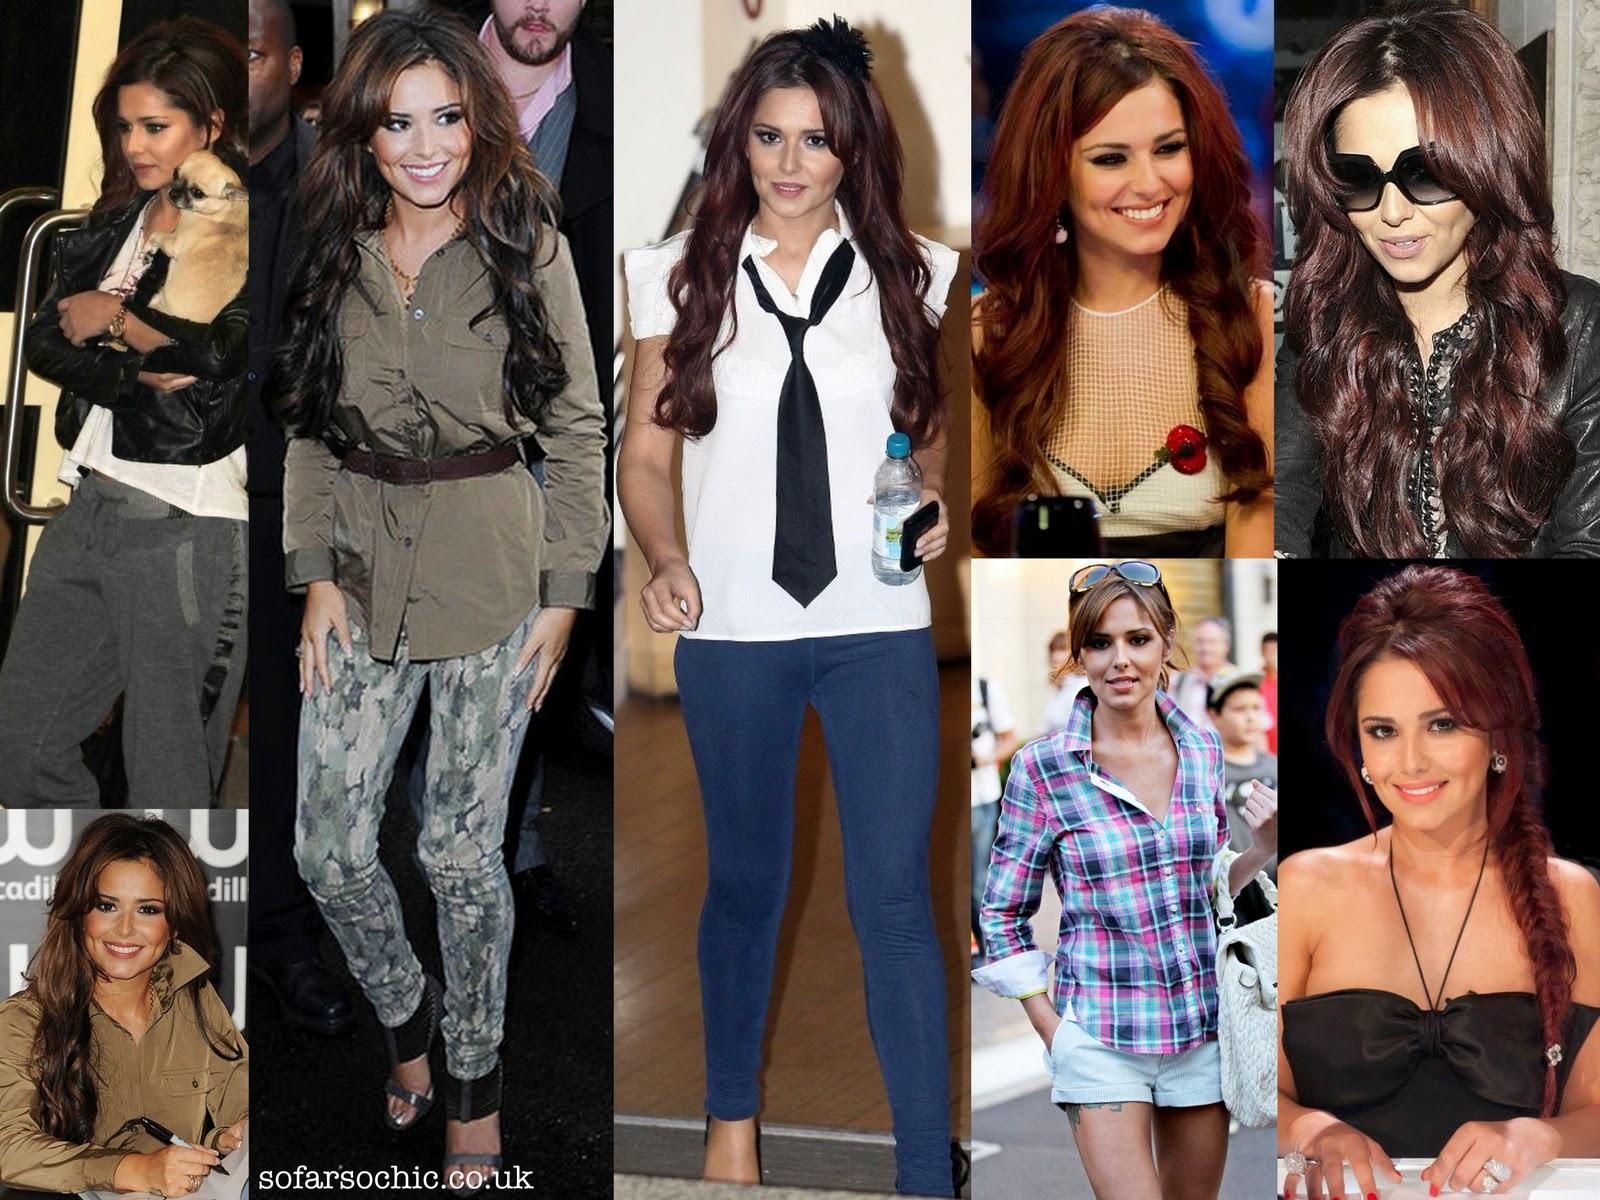 http://4.bp.blogspot.com/_9dl_QcOKSfg/TO-b2lVNSJI/AAAAAAAABNM/odmQfjm2qTg/s1600/Cheryl+Cole_devolution+back+to+chav.jpg